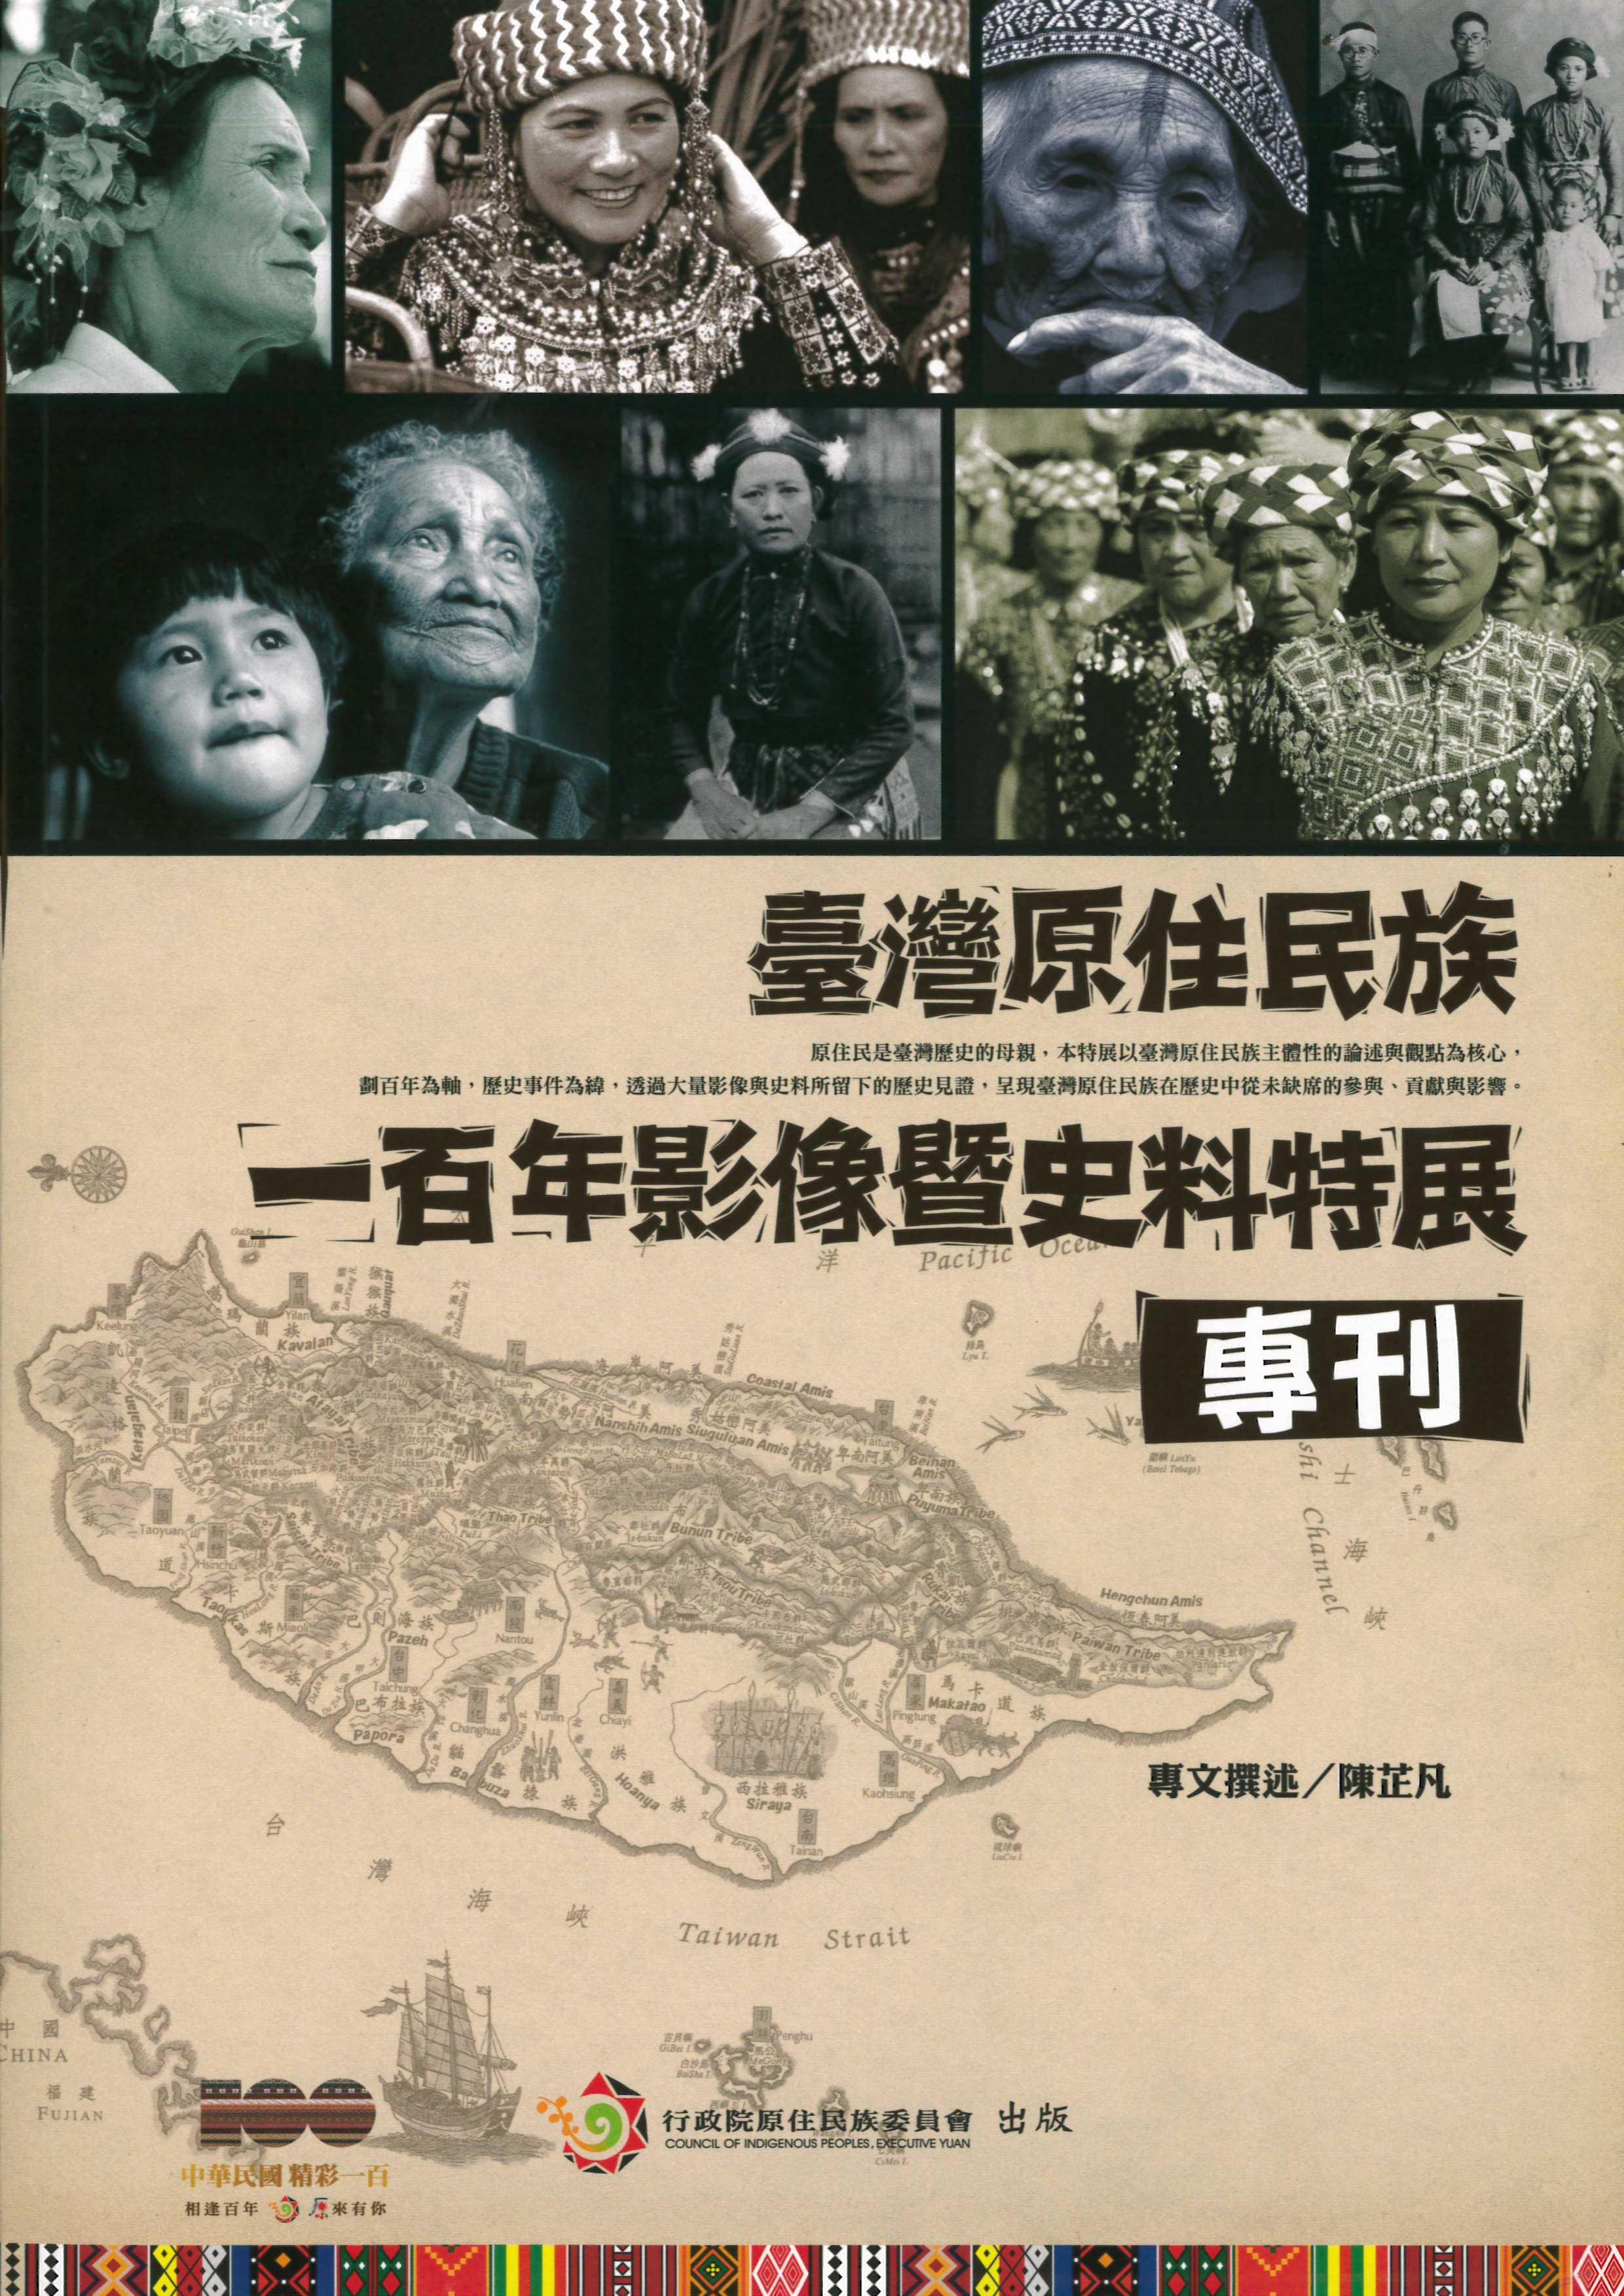 臺灣原住民族一百年影像暨史料特展專刊